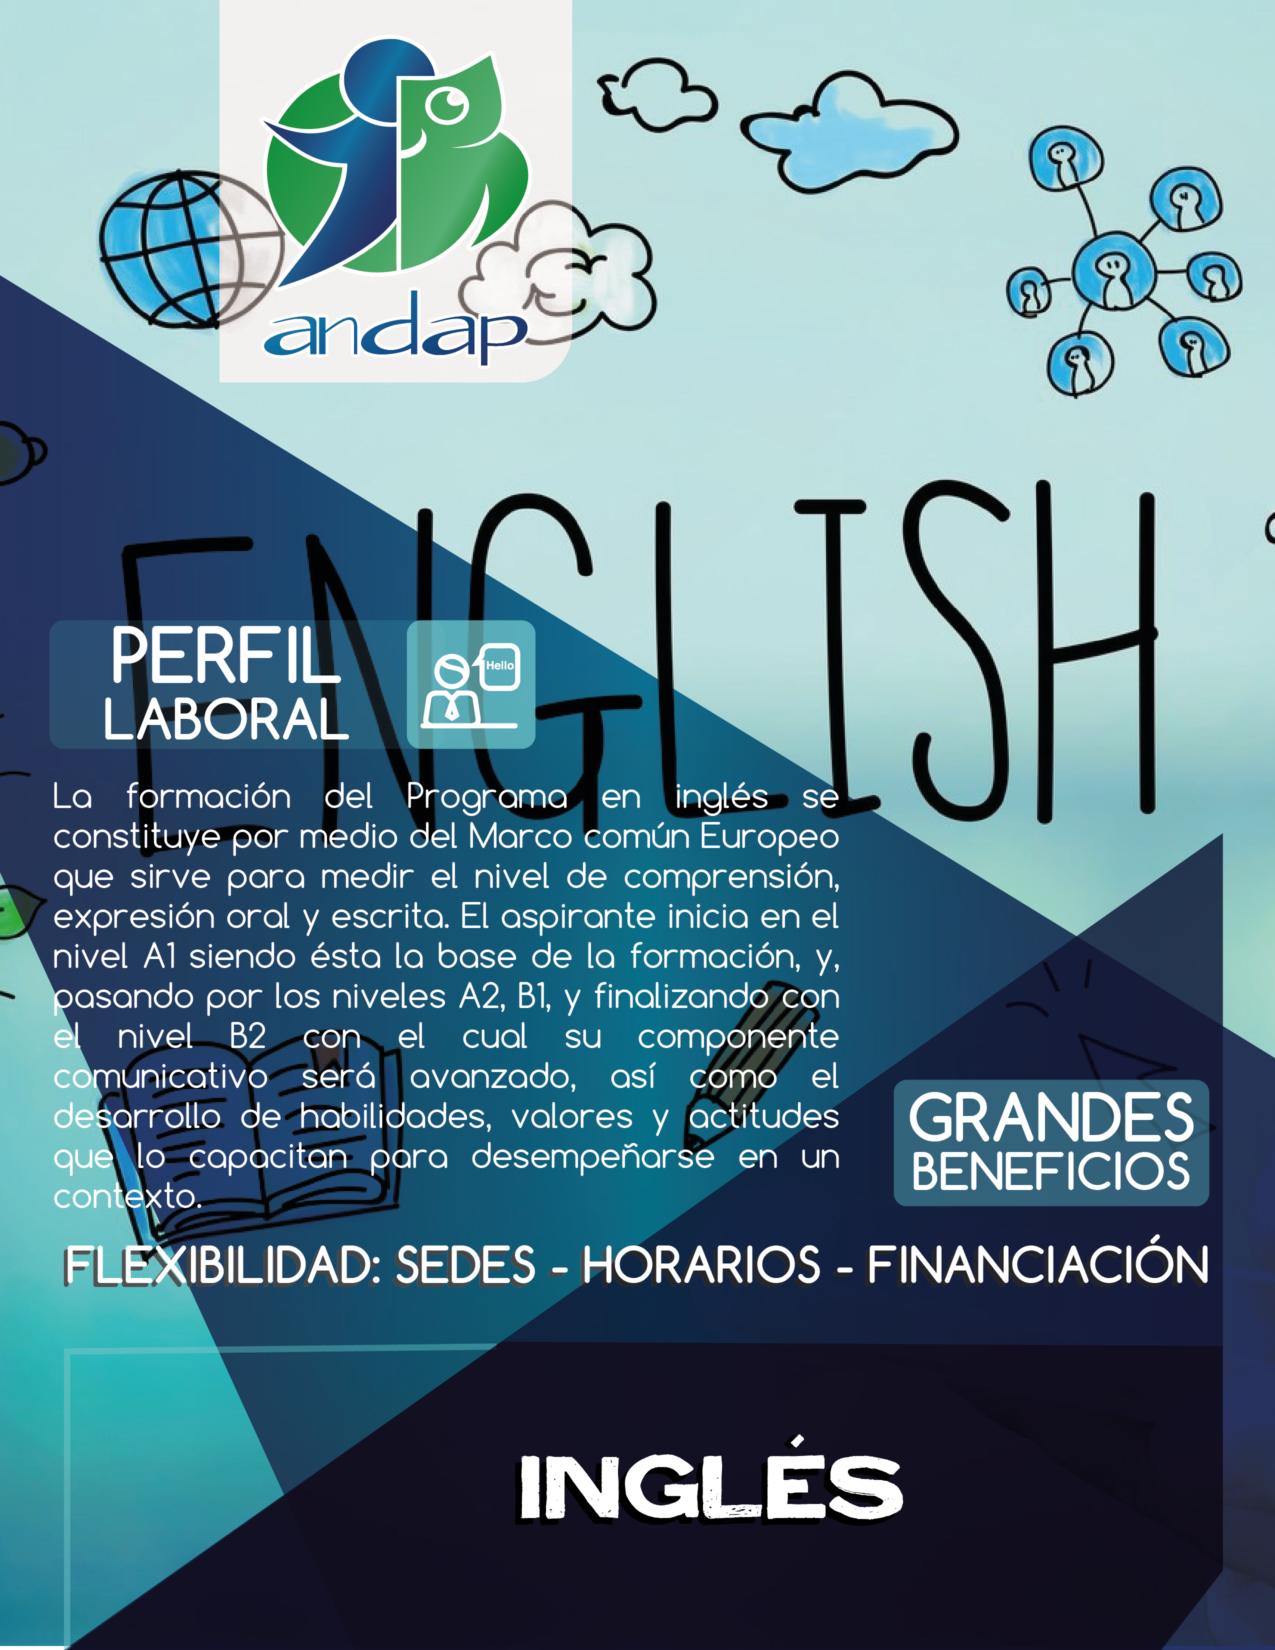 Ingles Bogotá ANDAP